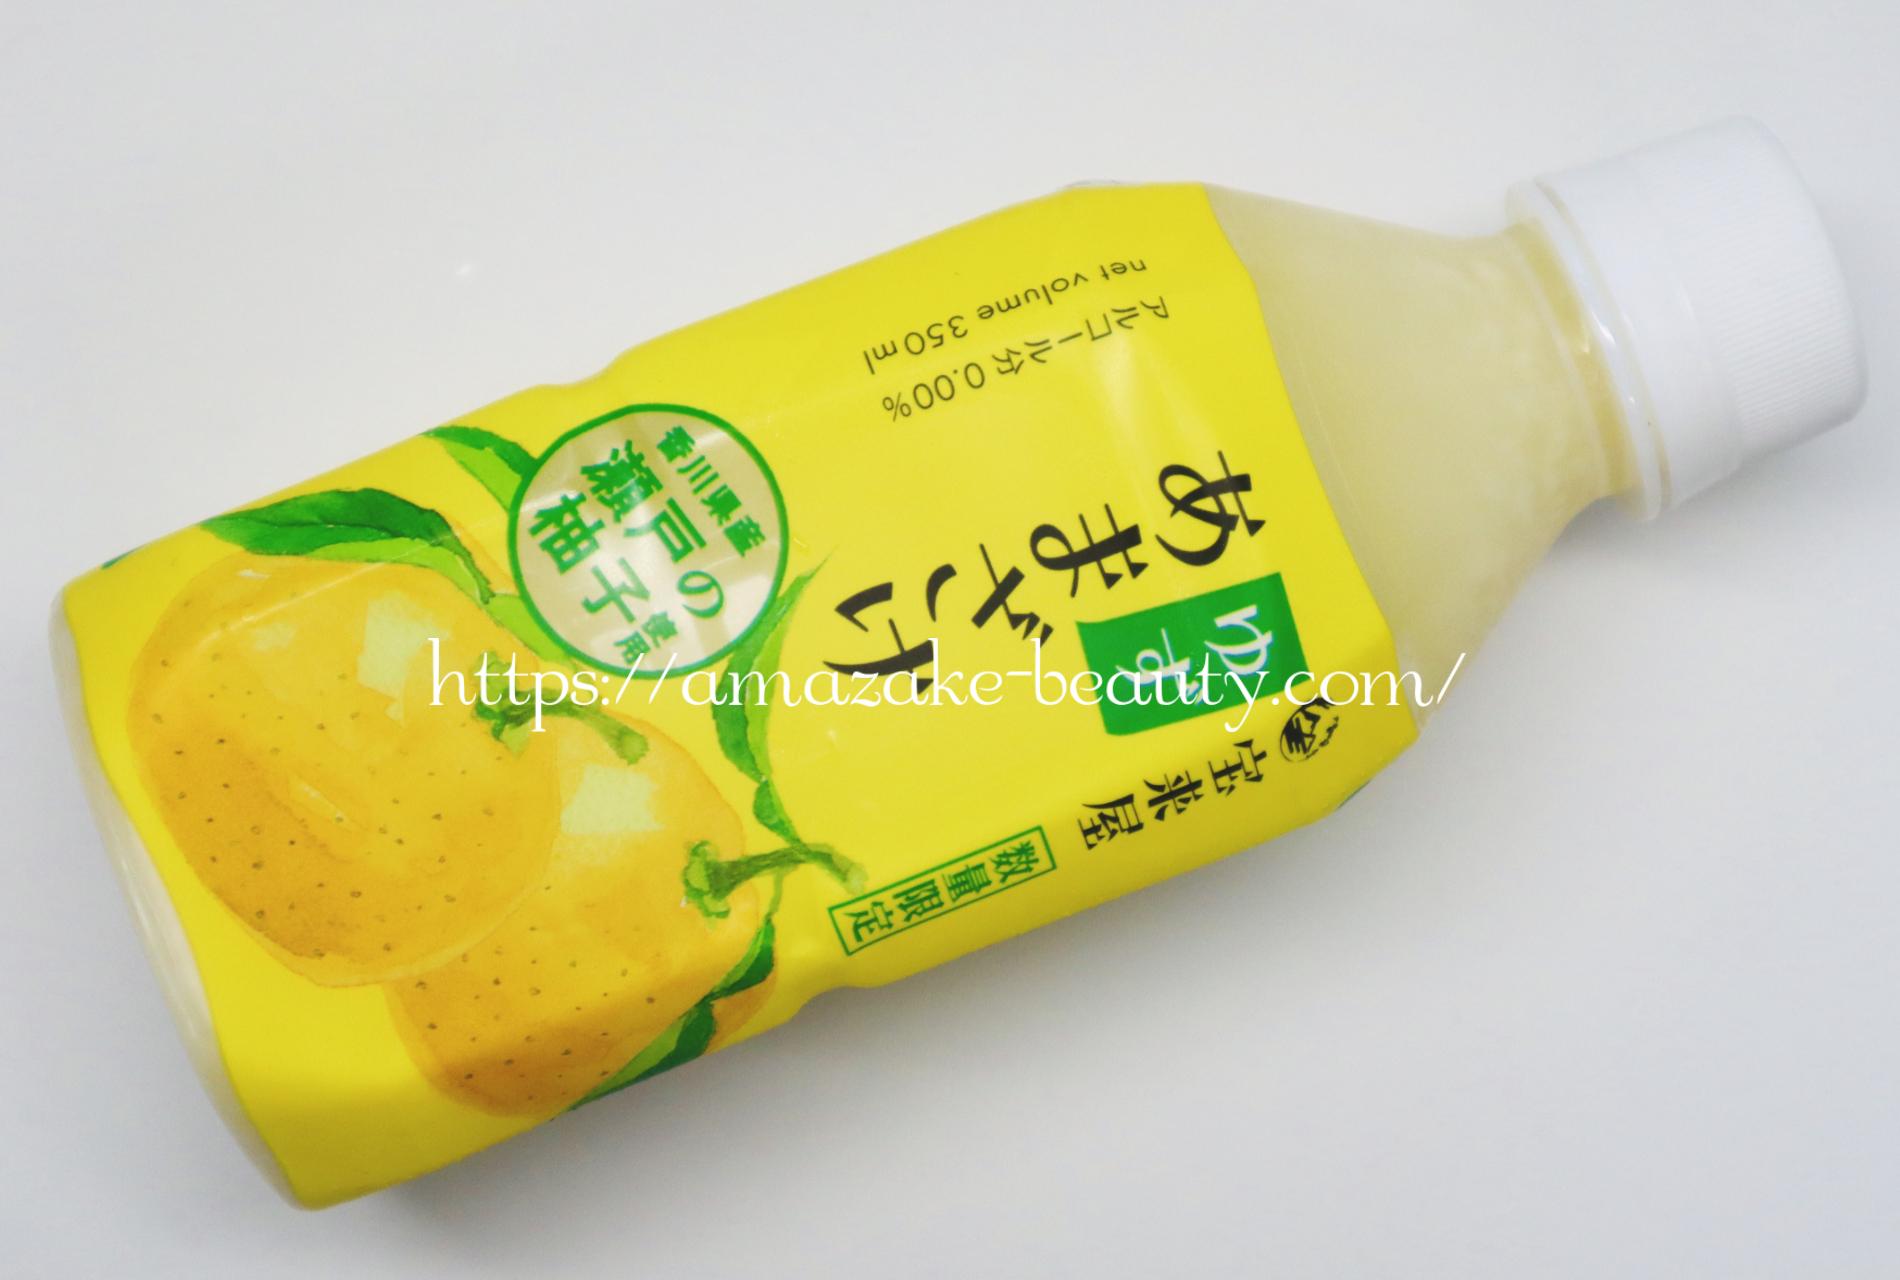 [amazake]horaiya[yuzu amazake]